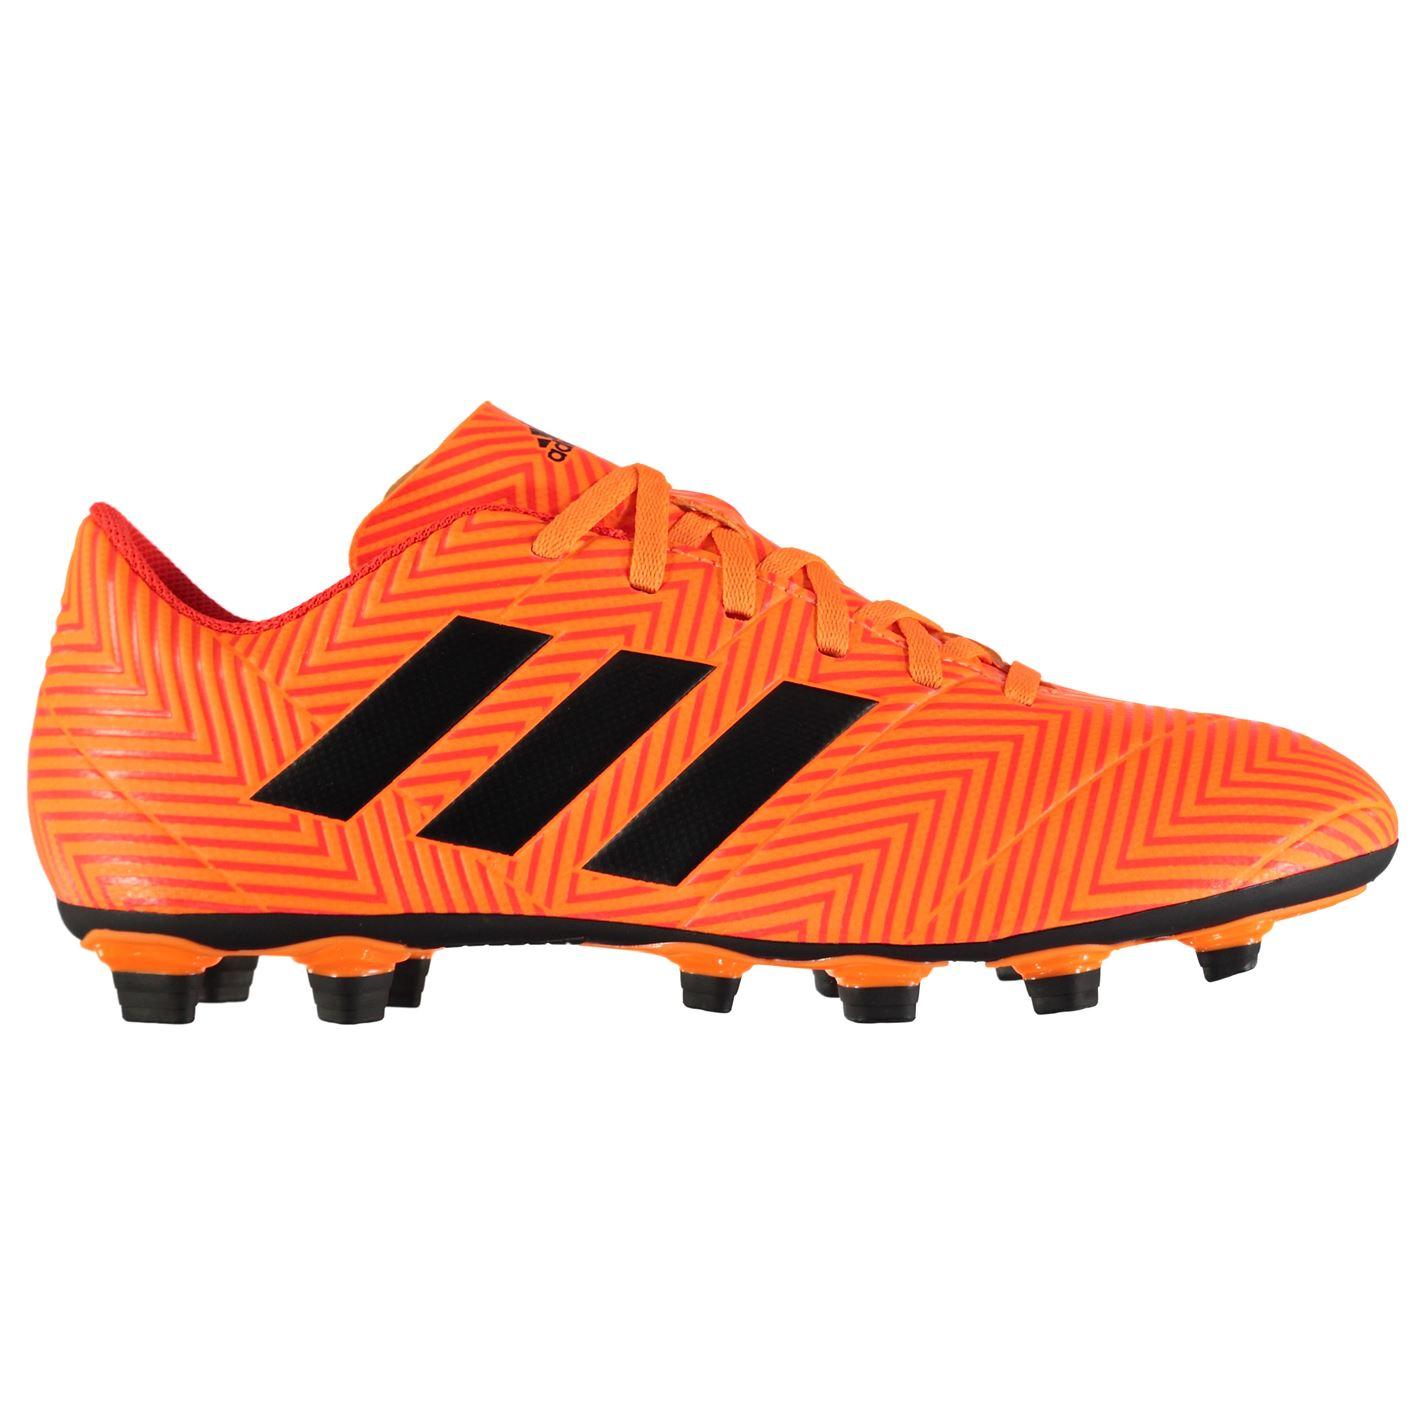 Adidas Nemeziz 18.4 Mens FG Football Boots